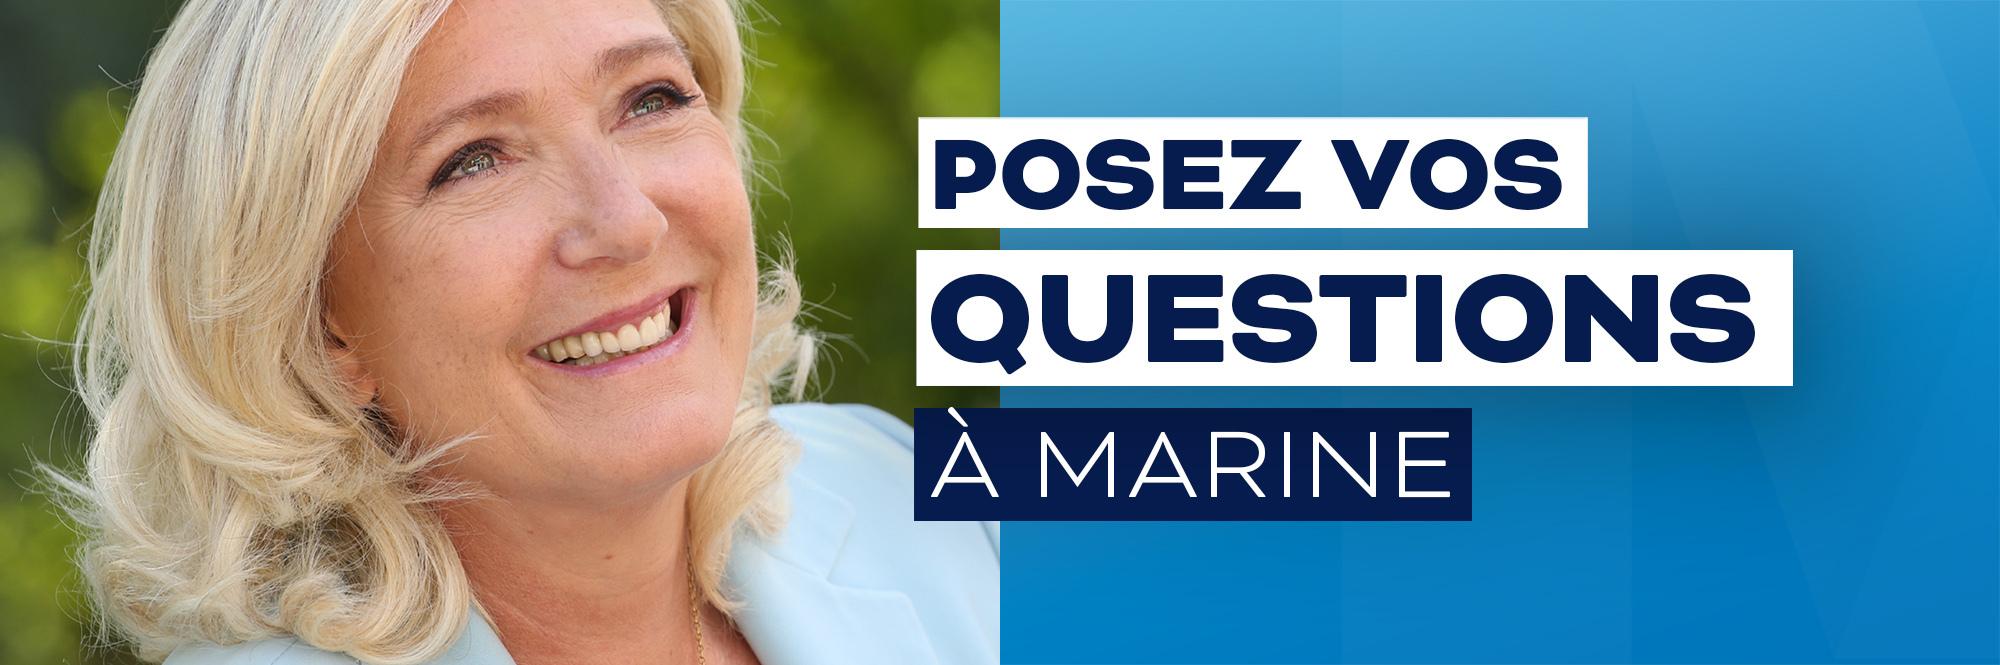 Posez vos questions à Marine